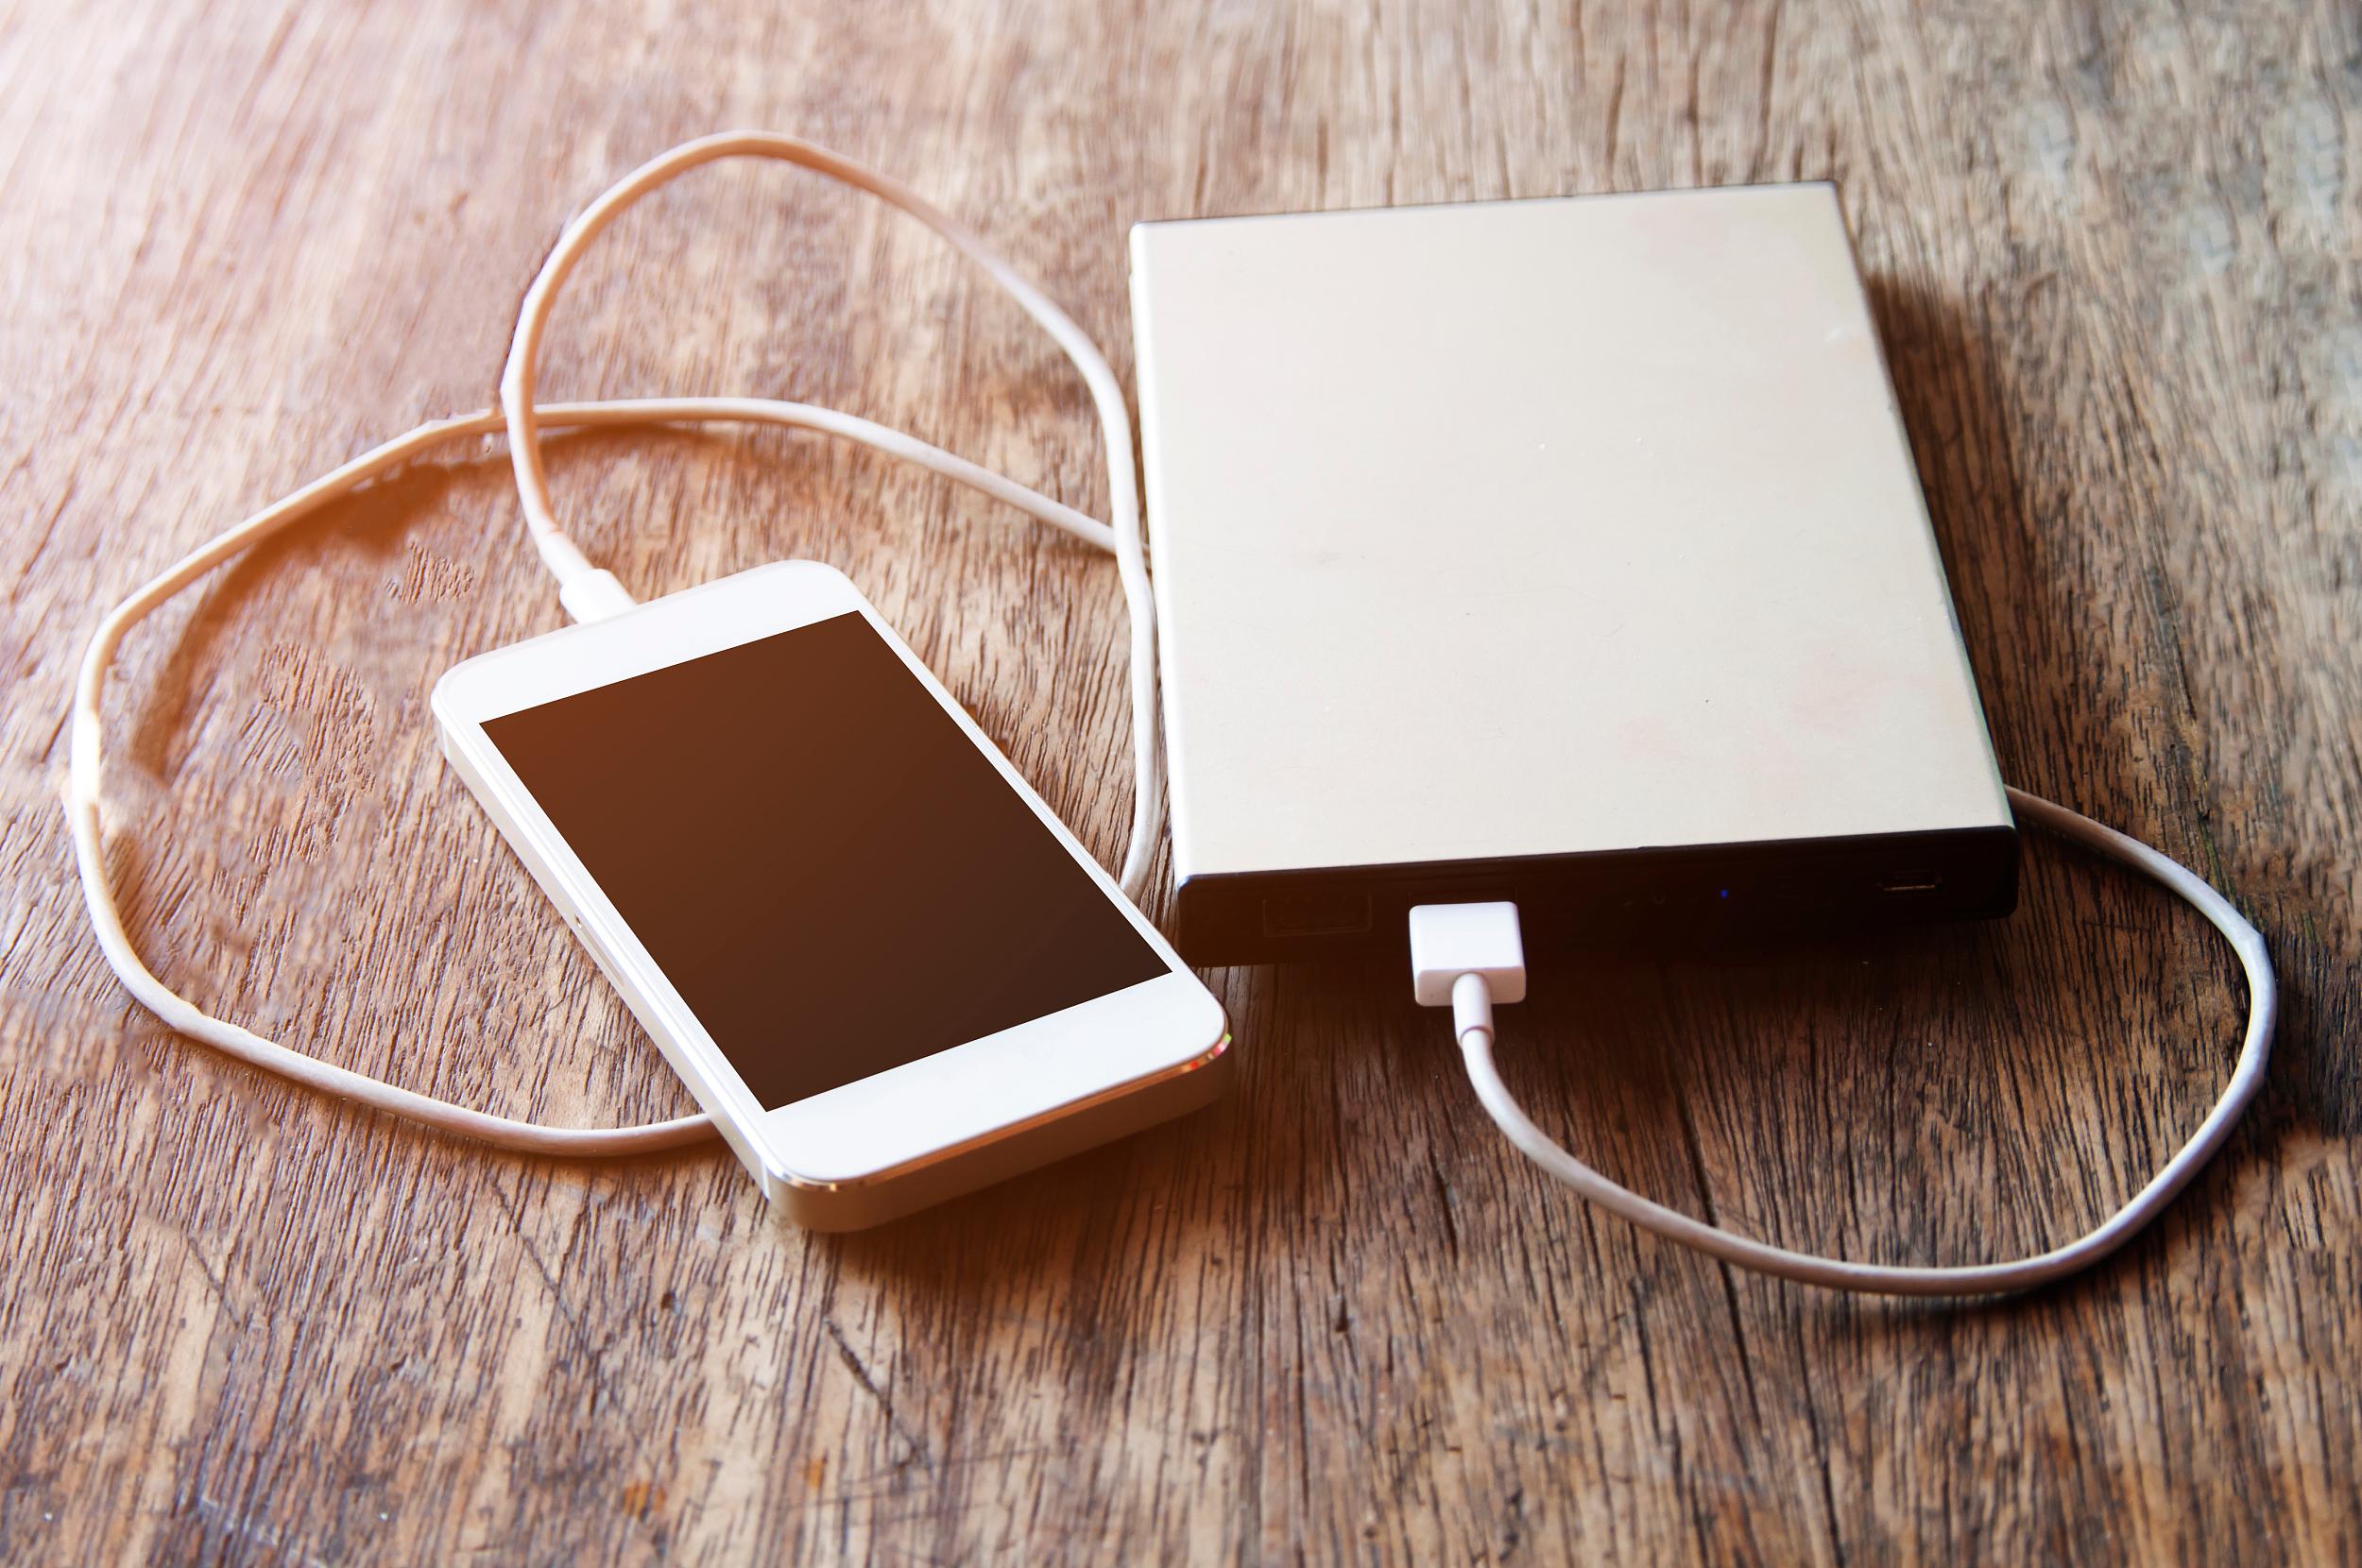 共享充電寶:當你離不開它的時候,它集體漲價了